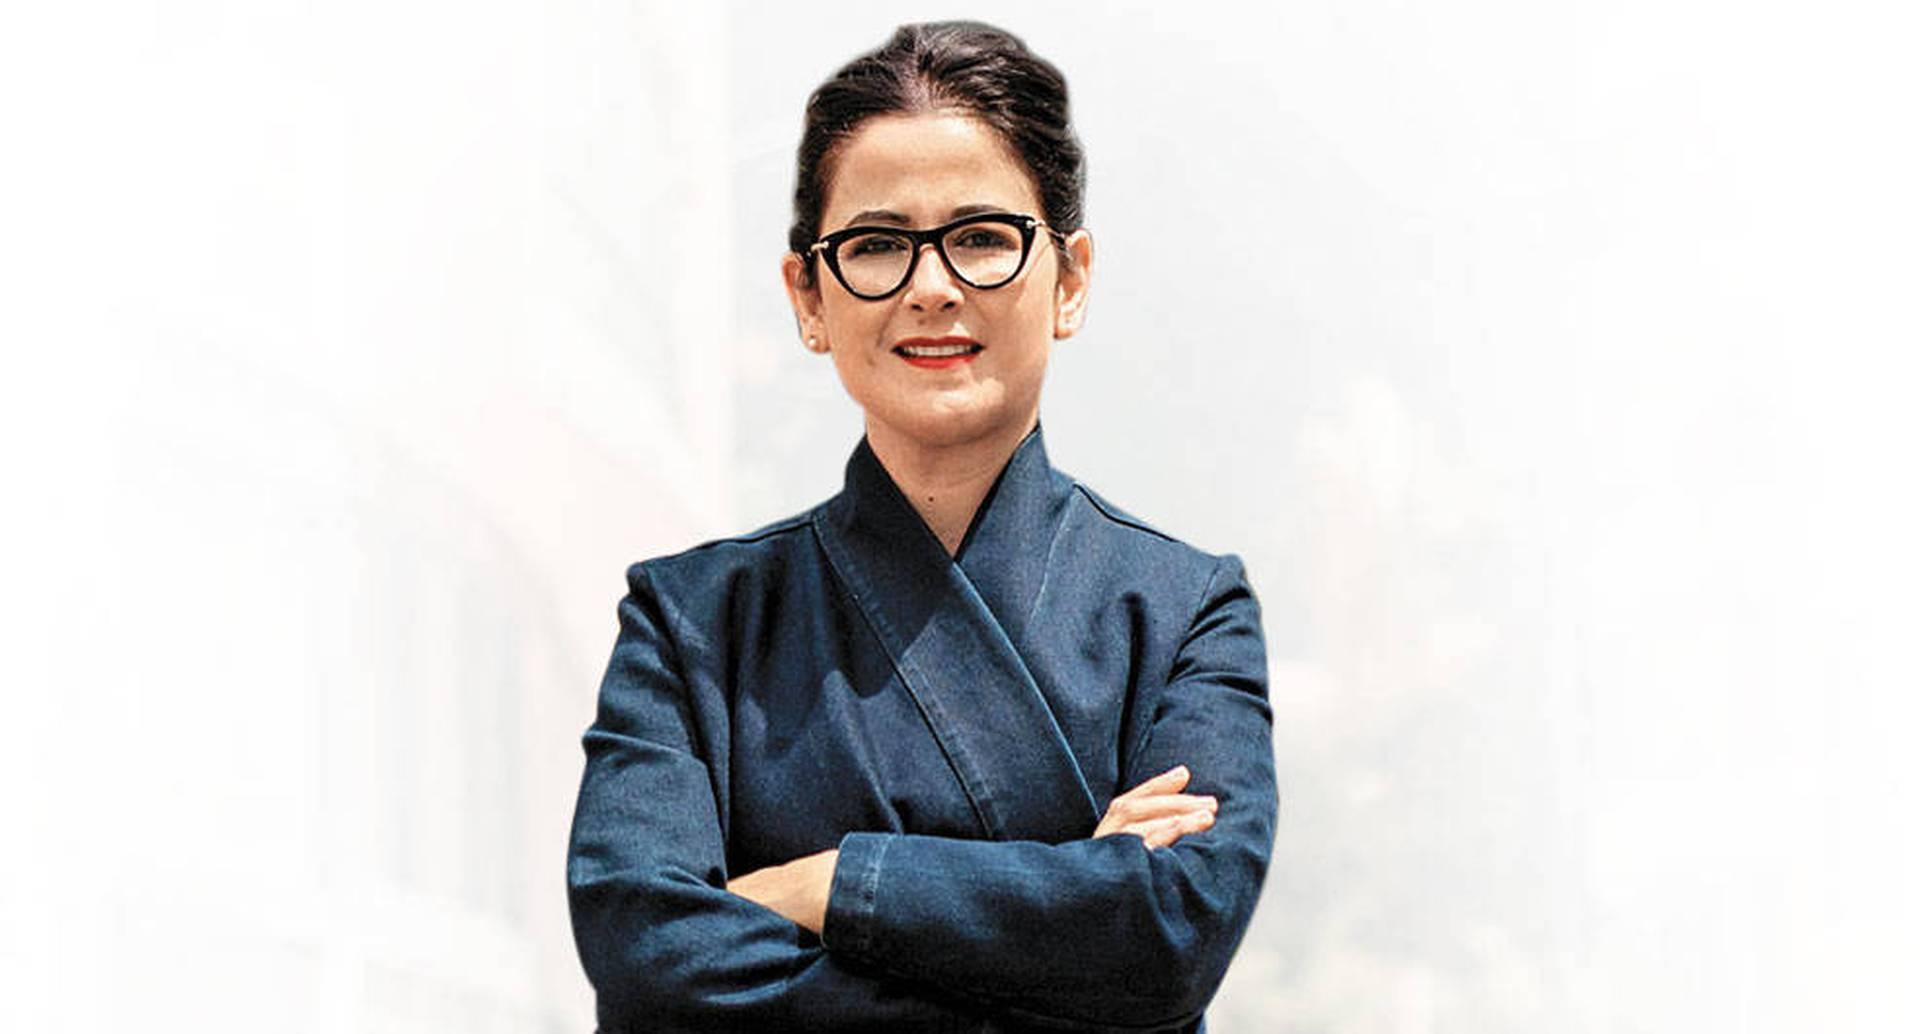 Juliana Restrepo, publicista y filósofa, lleva 11 años trabajando en el sector cultural.